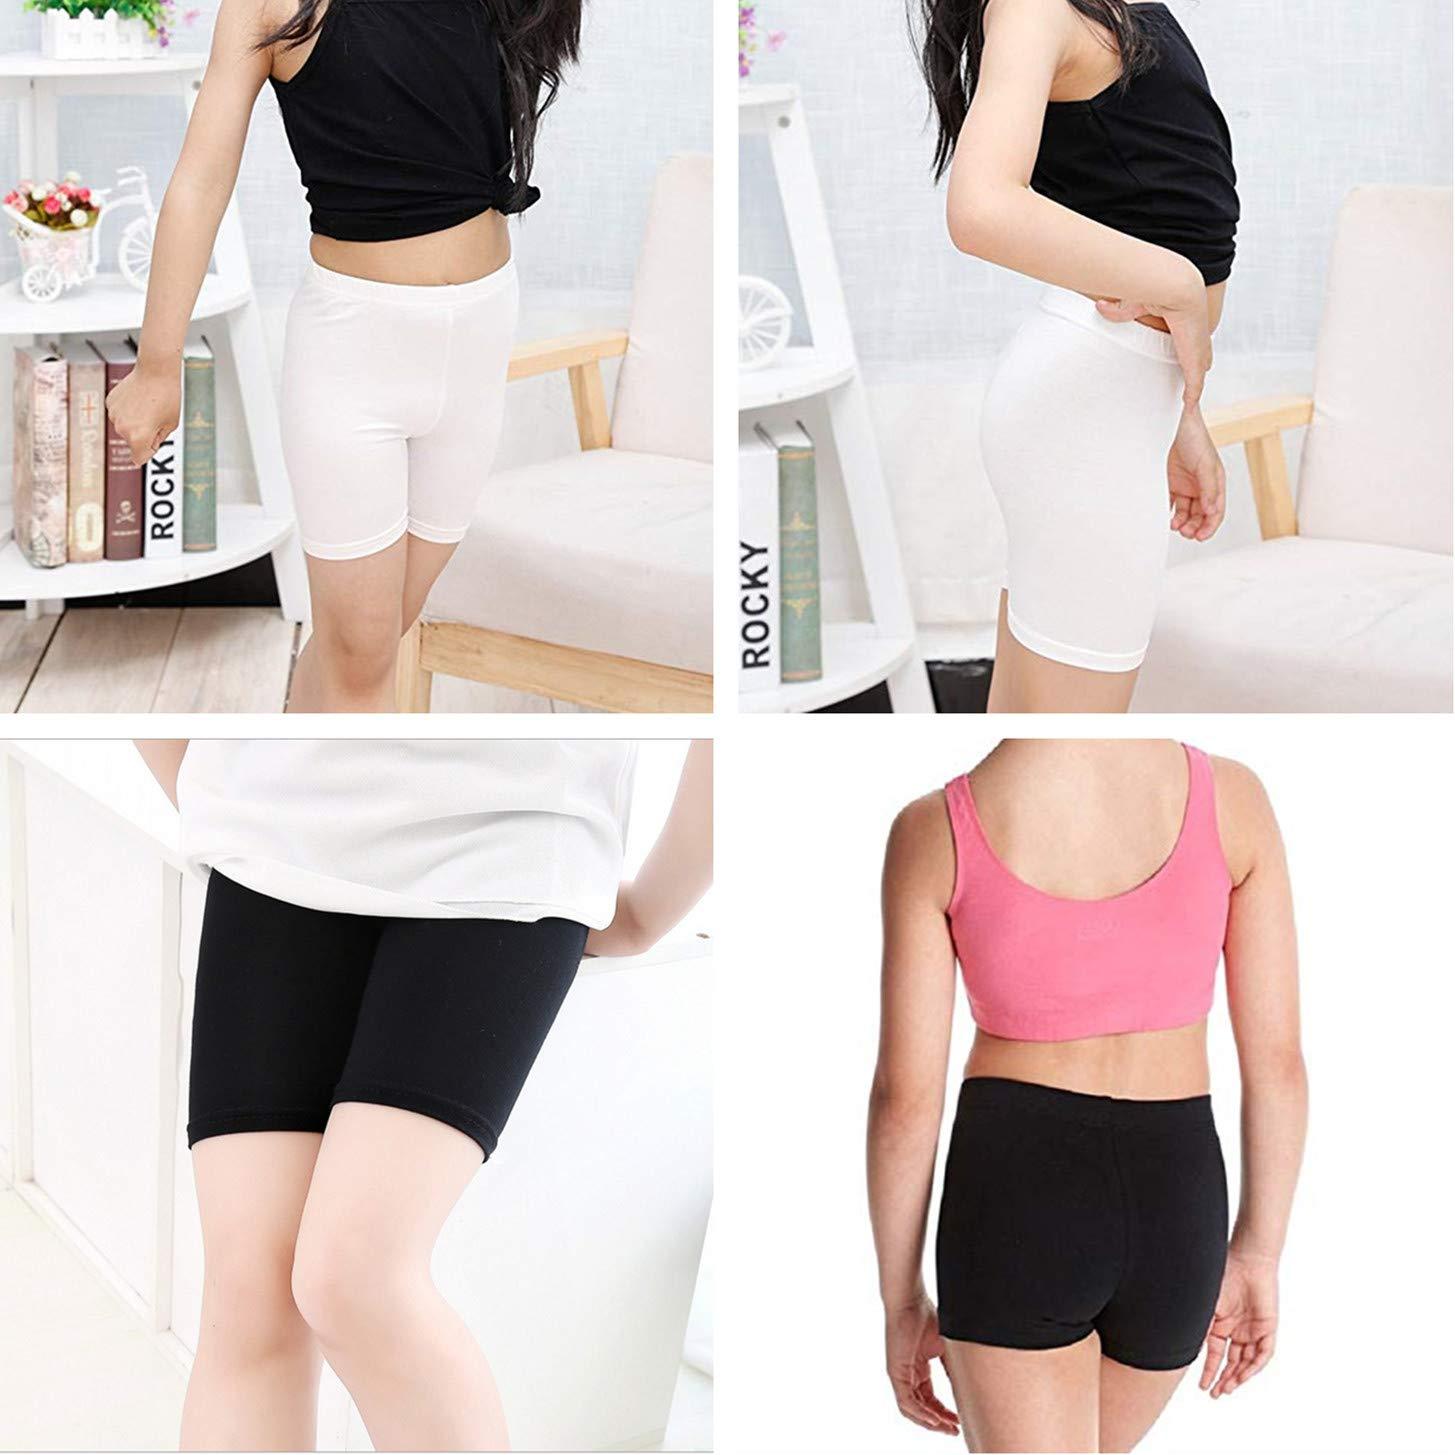 6 Pack Girls Bike Short for Sports Black Under Skirt Shorts for Girls Dance Shorts Under Dress